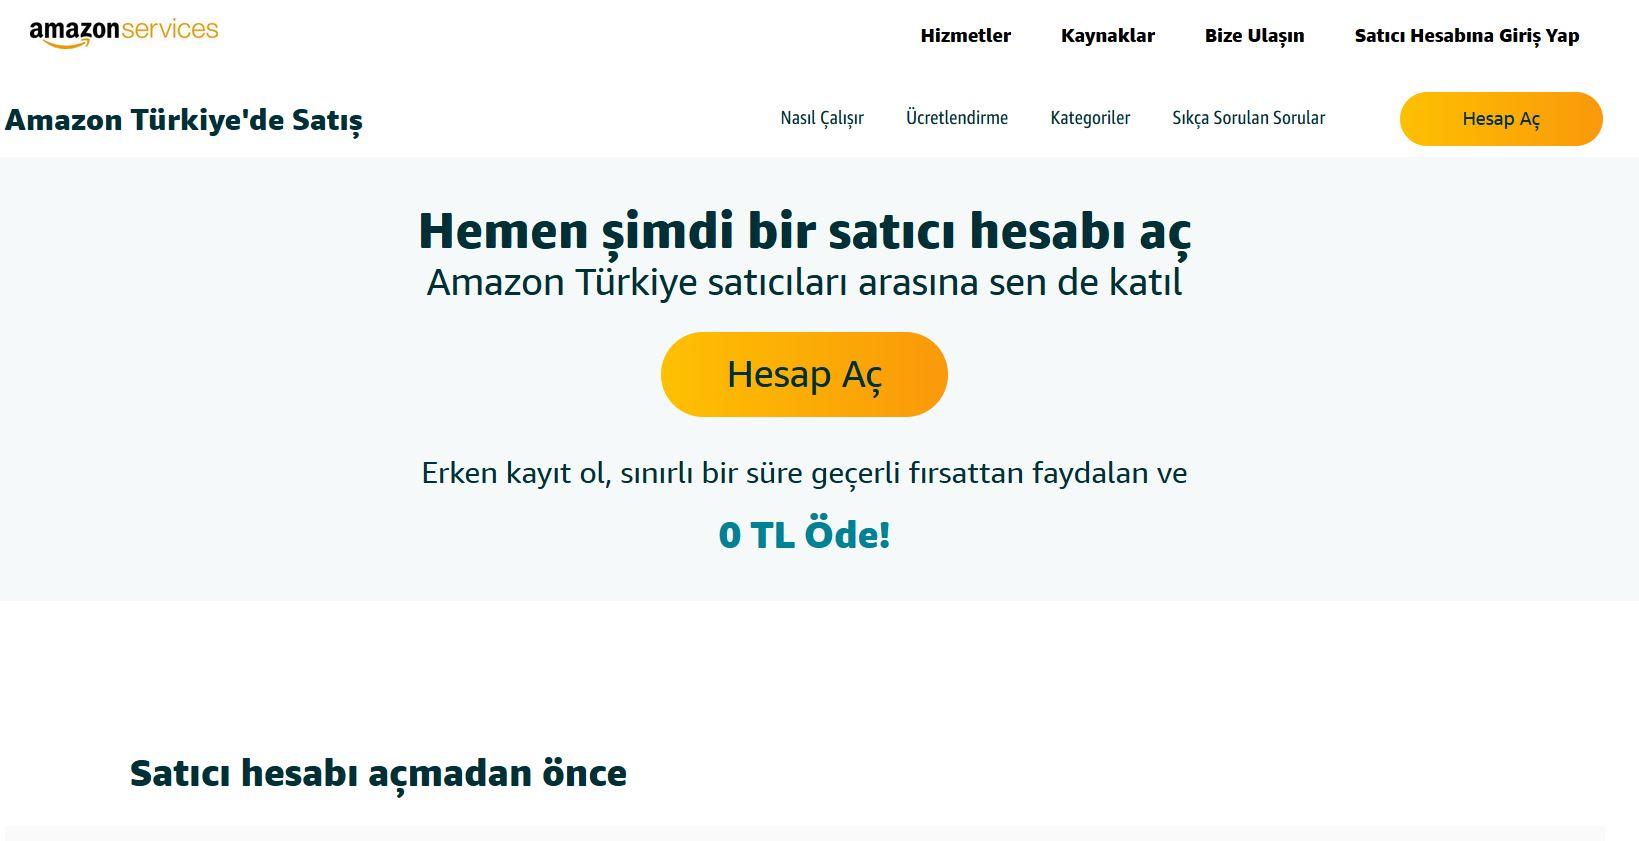 amazon hesap acma suspend Amazon Utility Bill Verification, Suspend Telefon Faturası ile Çözüm